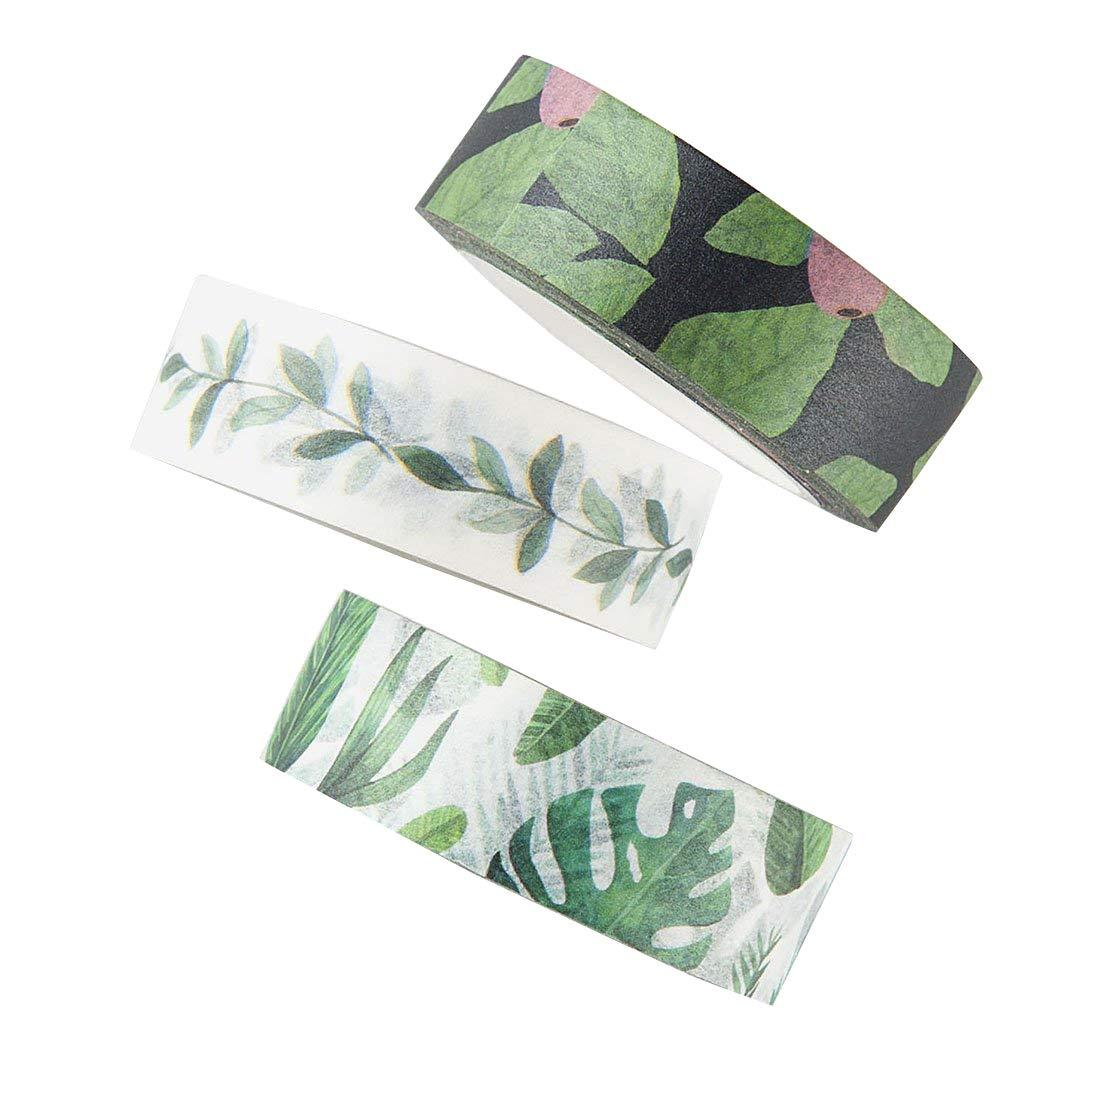 3 Rolls Cinta adhesiva con diseños de hojas (10m)